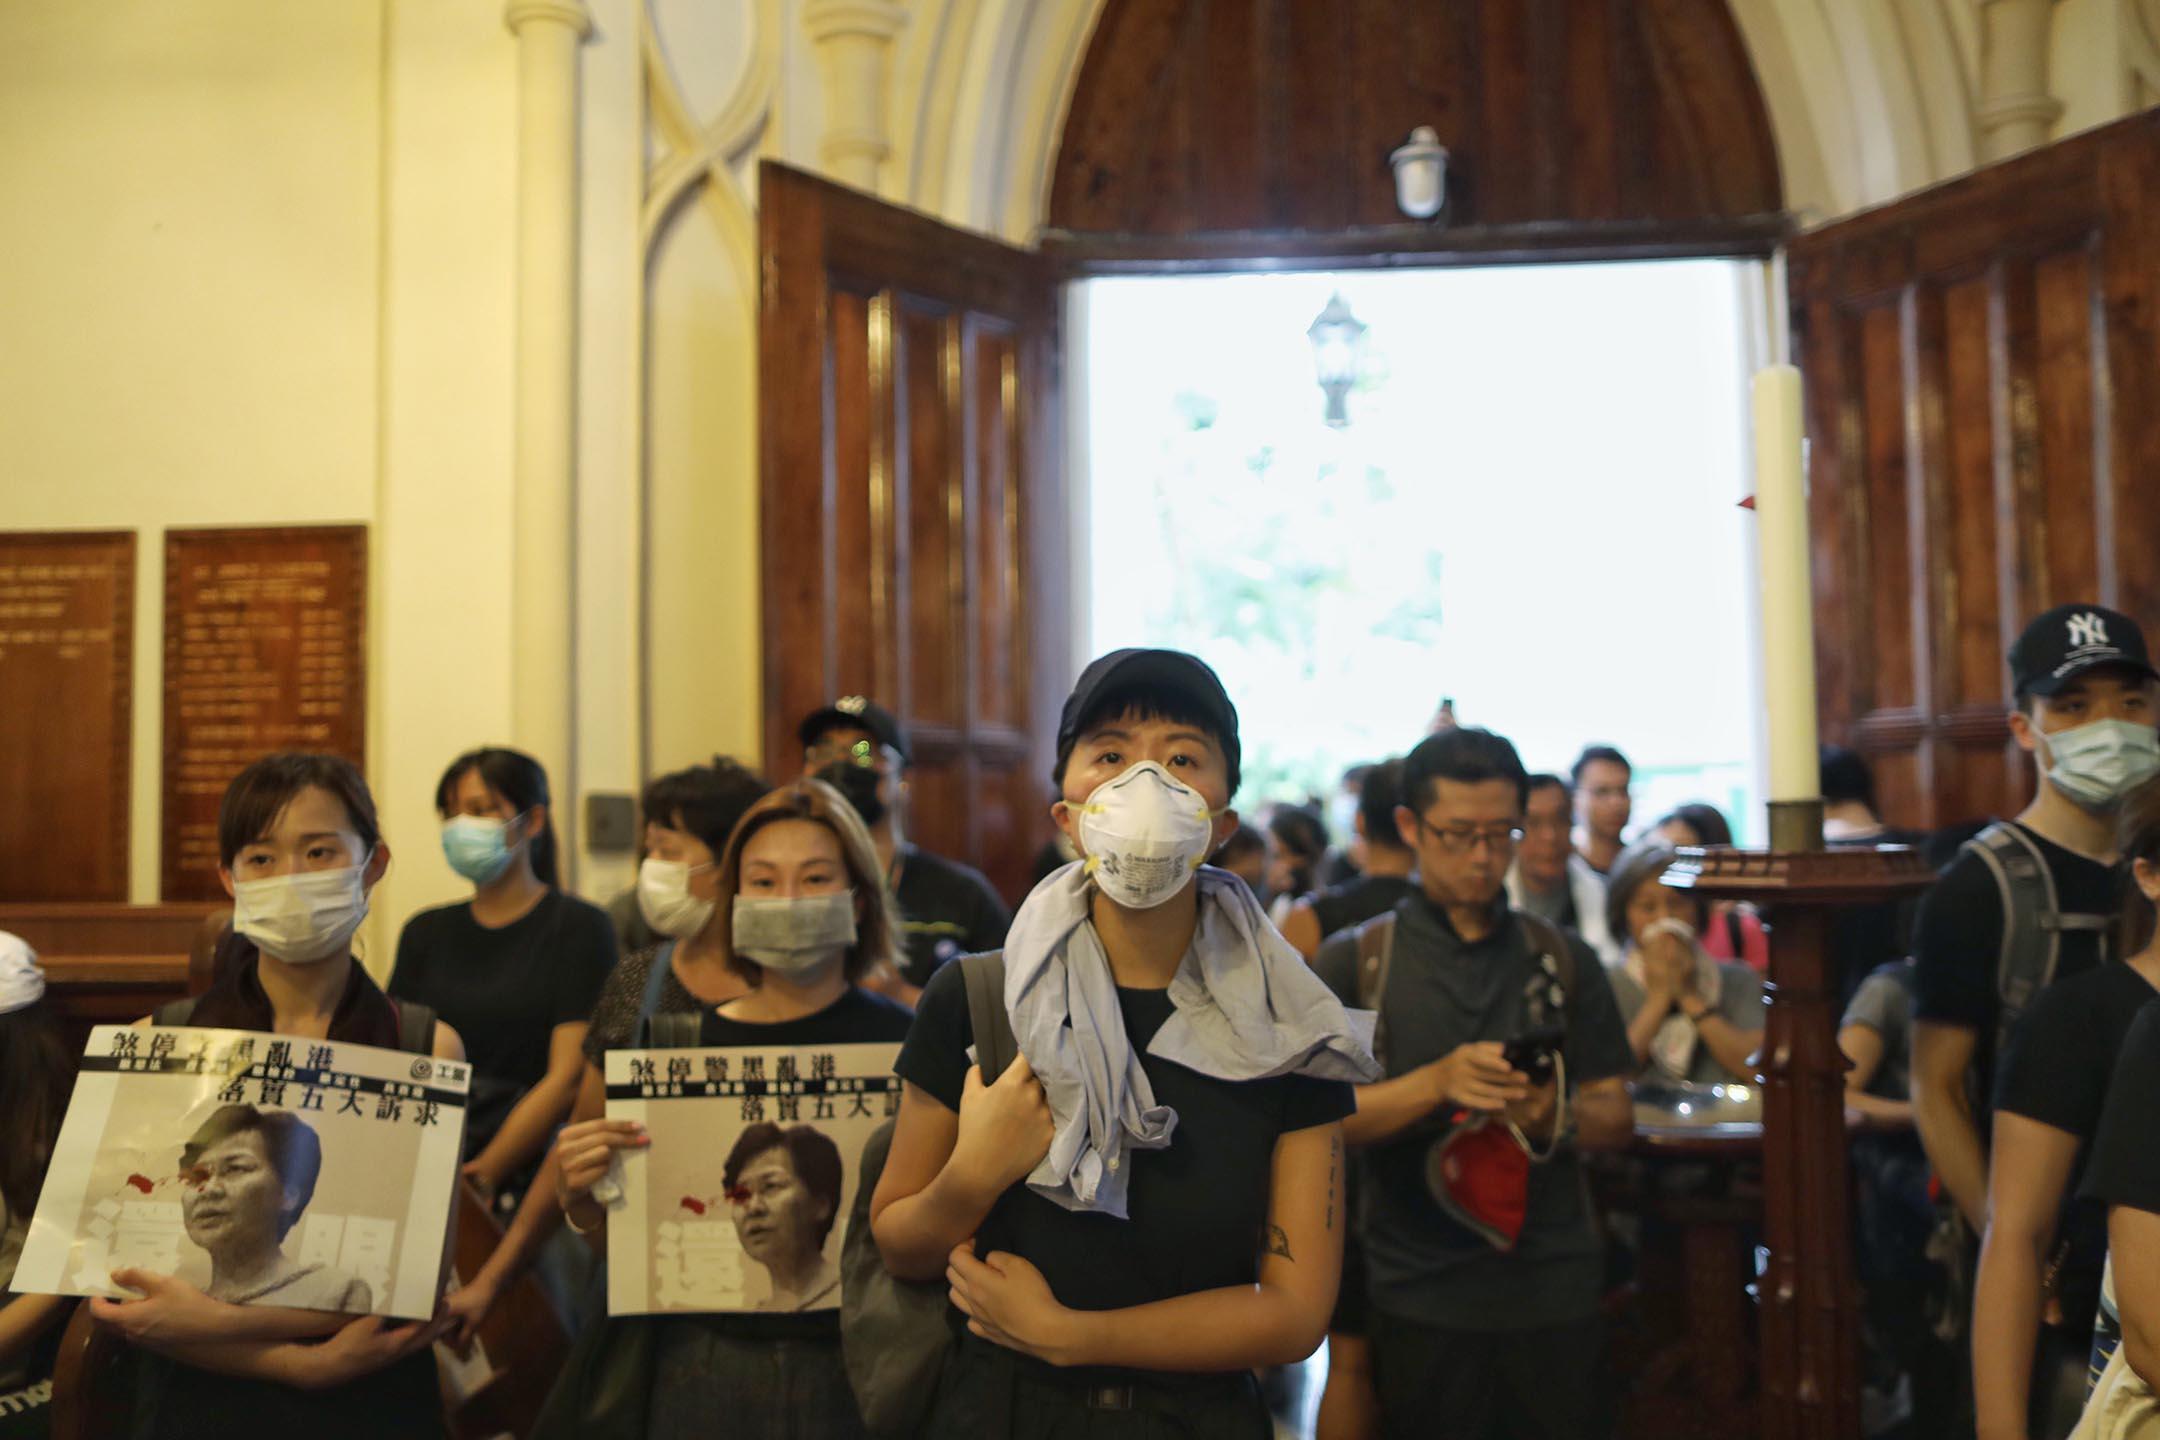 有網民發起「召集十萬基督徒為香港罪人祈禱大遊行」,遊行市民抵達位於中環的聖約翰座堂。